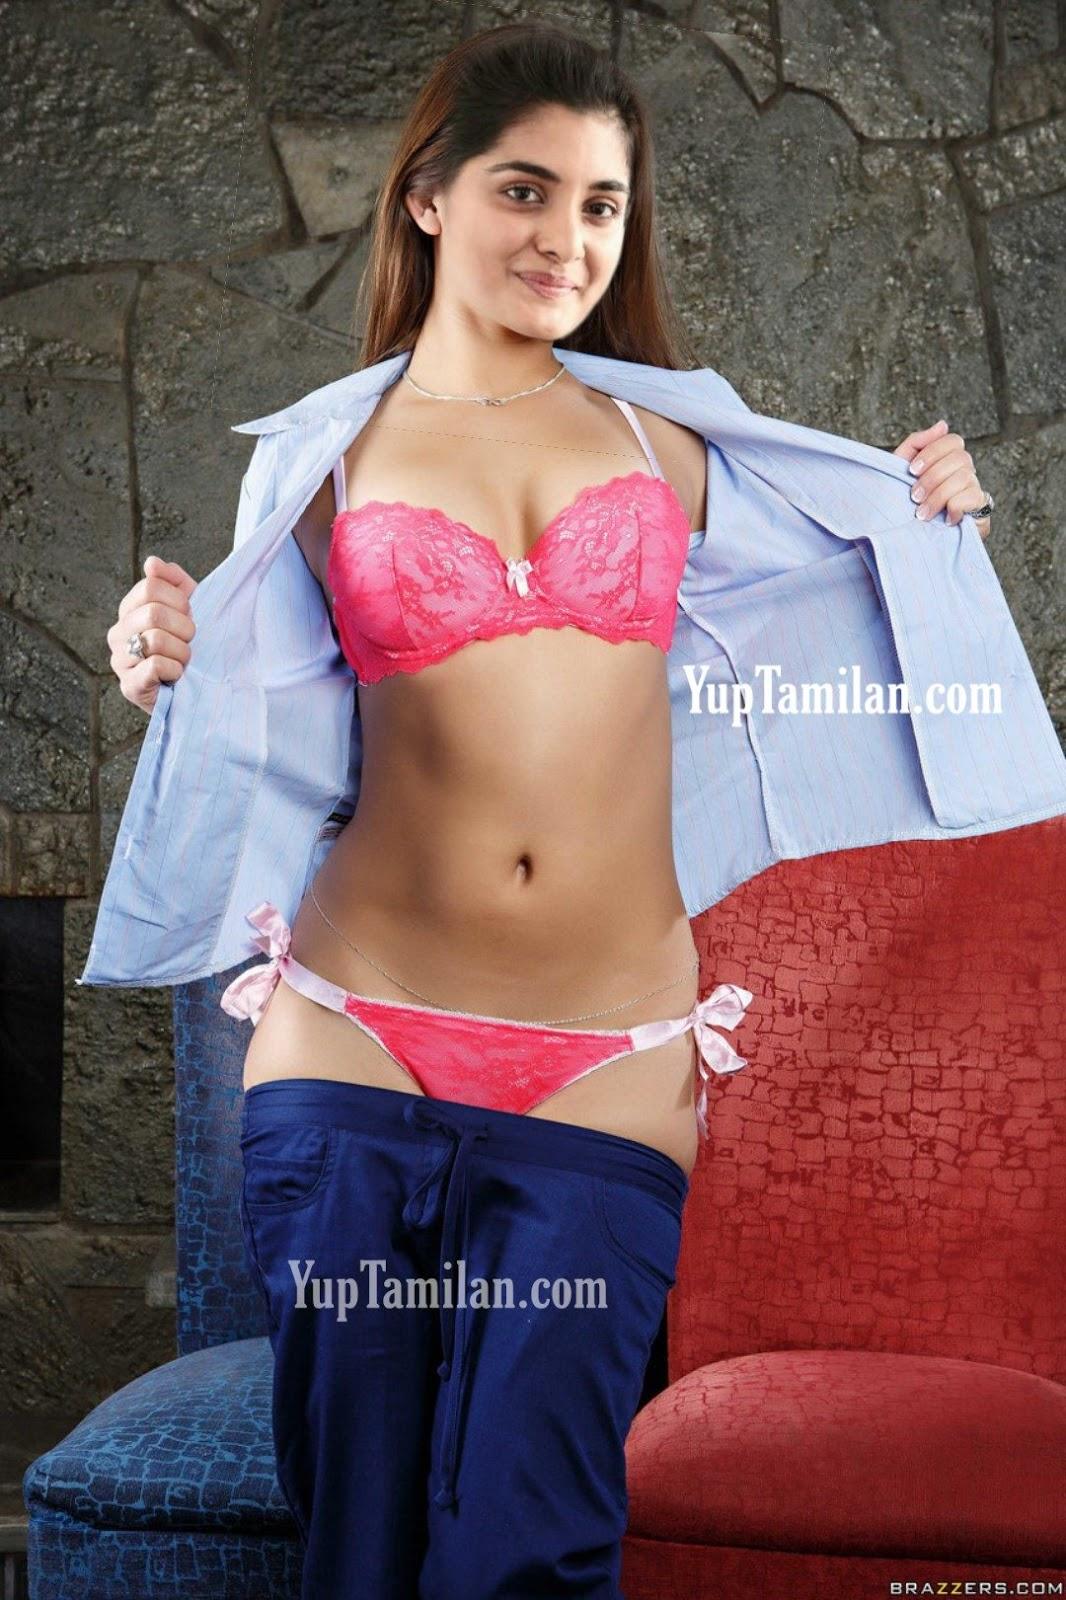 Actress Thomas Fake images-Hot edit Pics(yuptamilan.com)